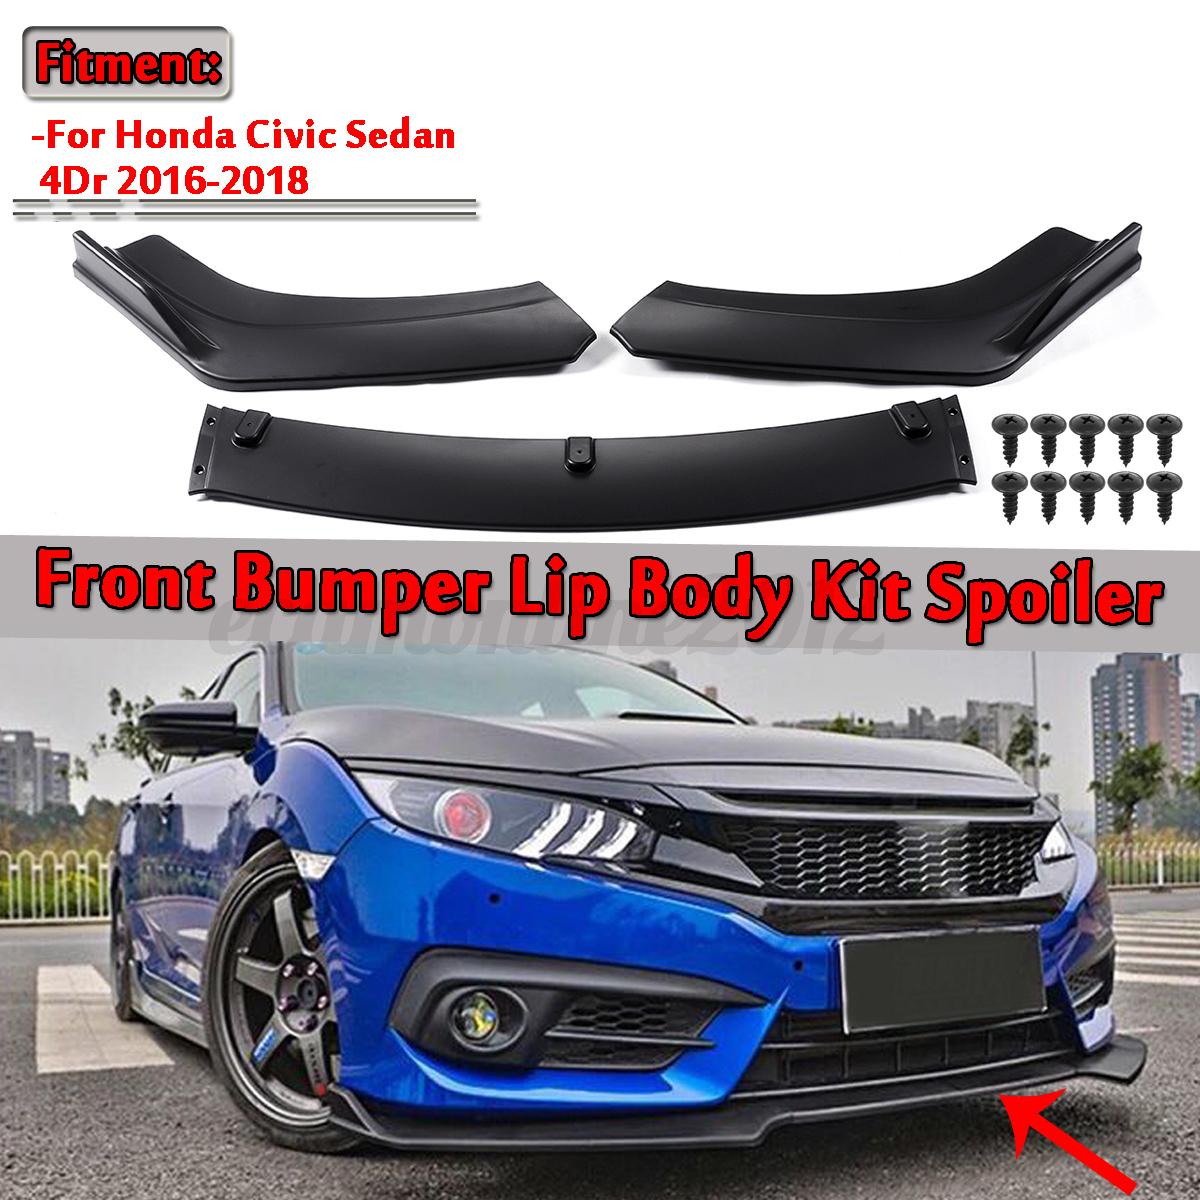 2019 Honda Civic Sedan Front Splitter: Matte Black Front Bumper Lip Body Kit Spoiler For 2016